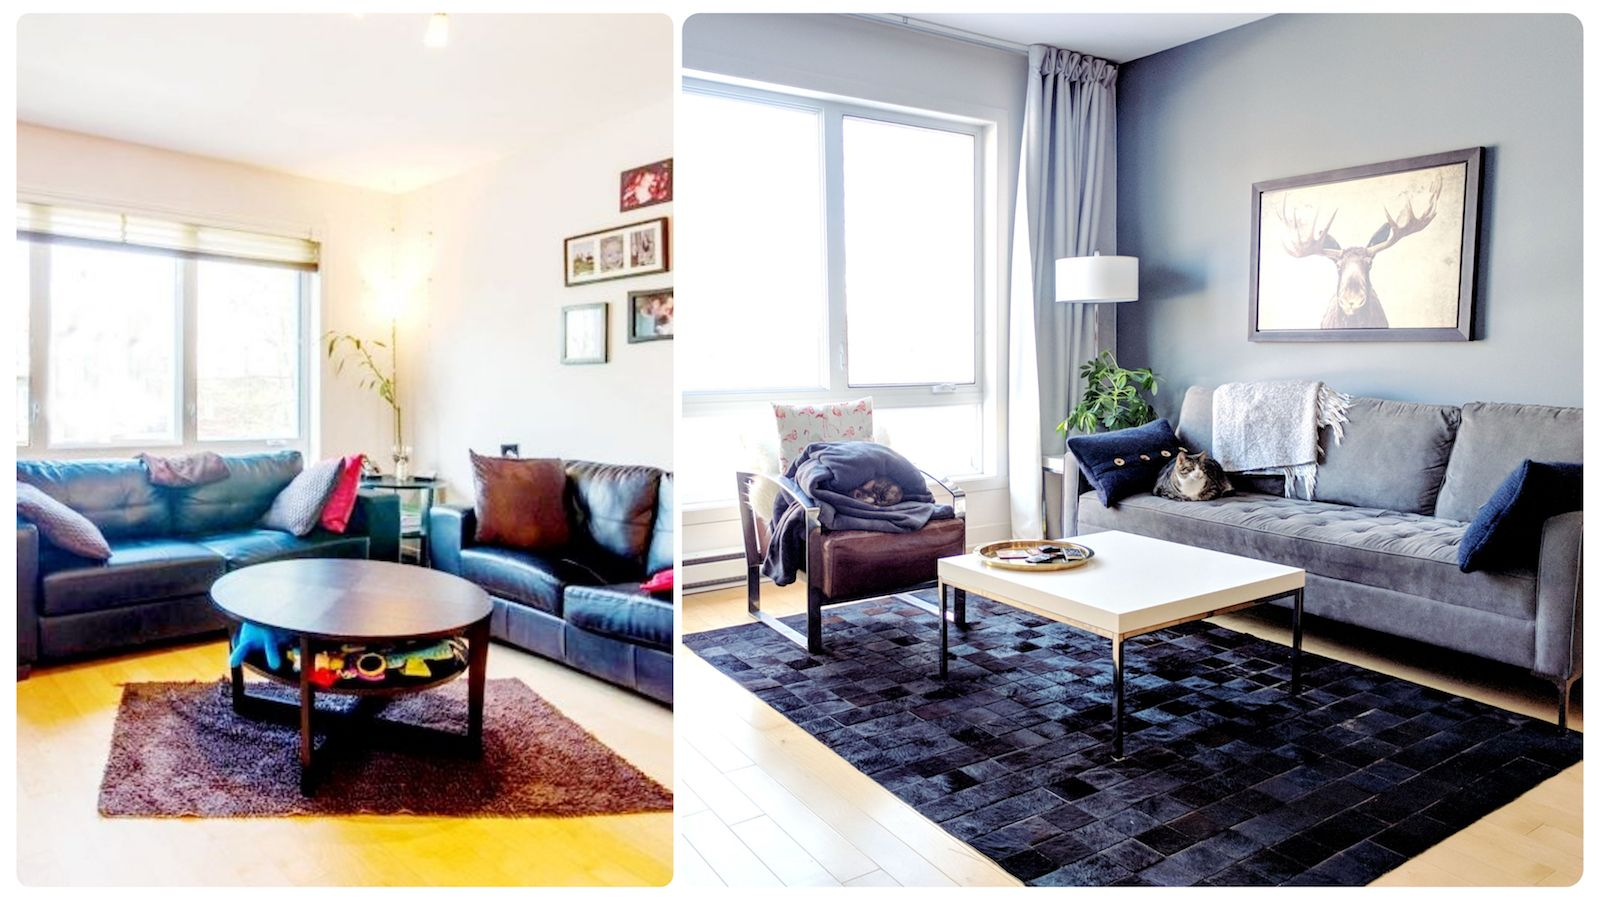 Photo Deco Avant Apres rénovation et décoration de mon condo (avant et après